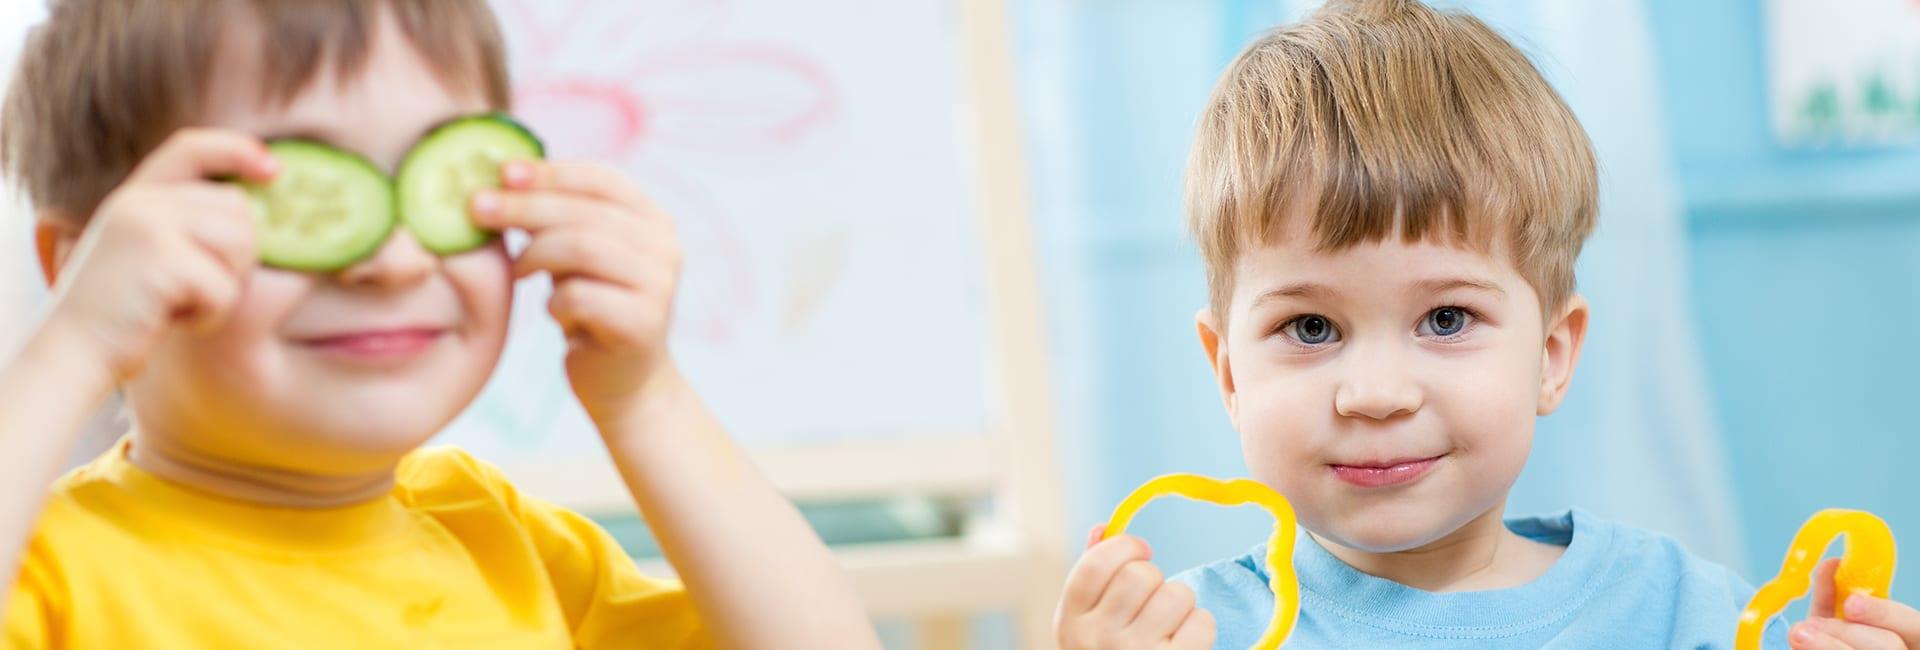 Vuelta al cole saludable. Alimentación en la etapa escolar.